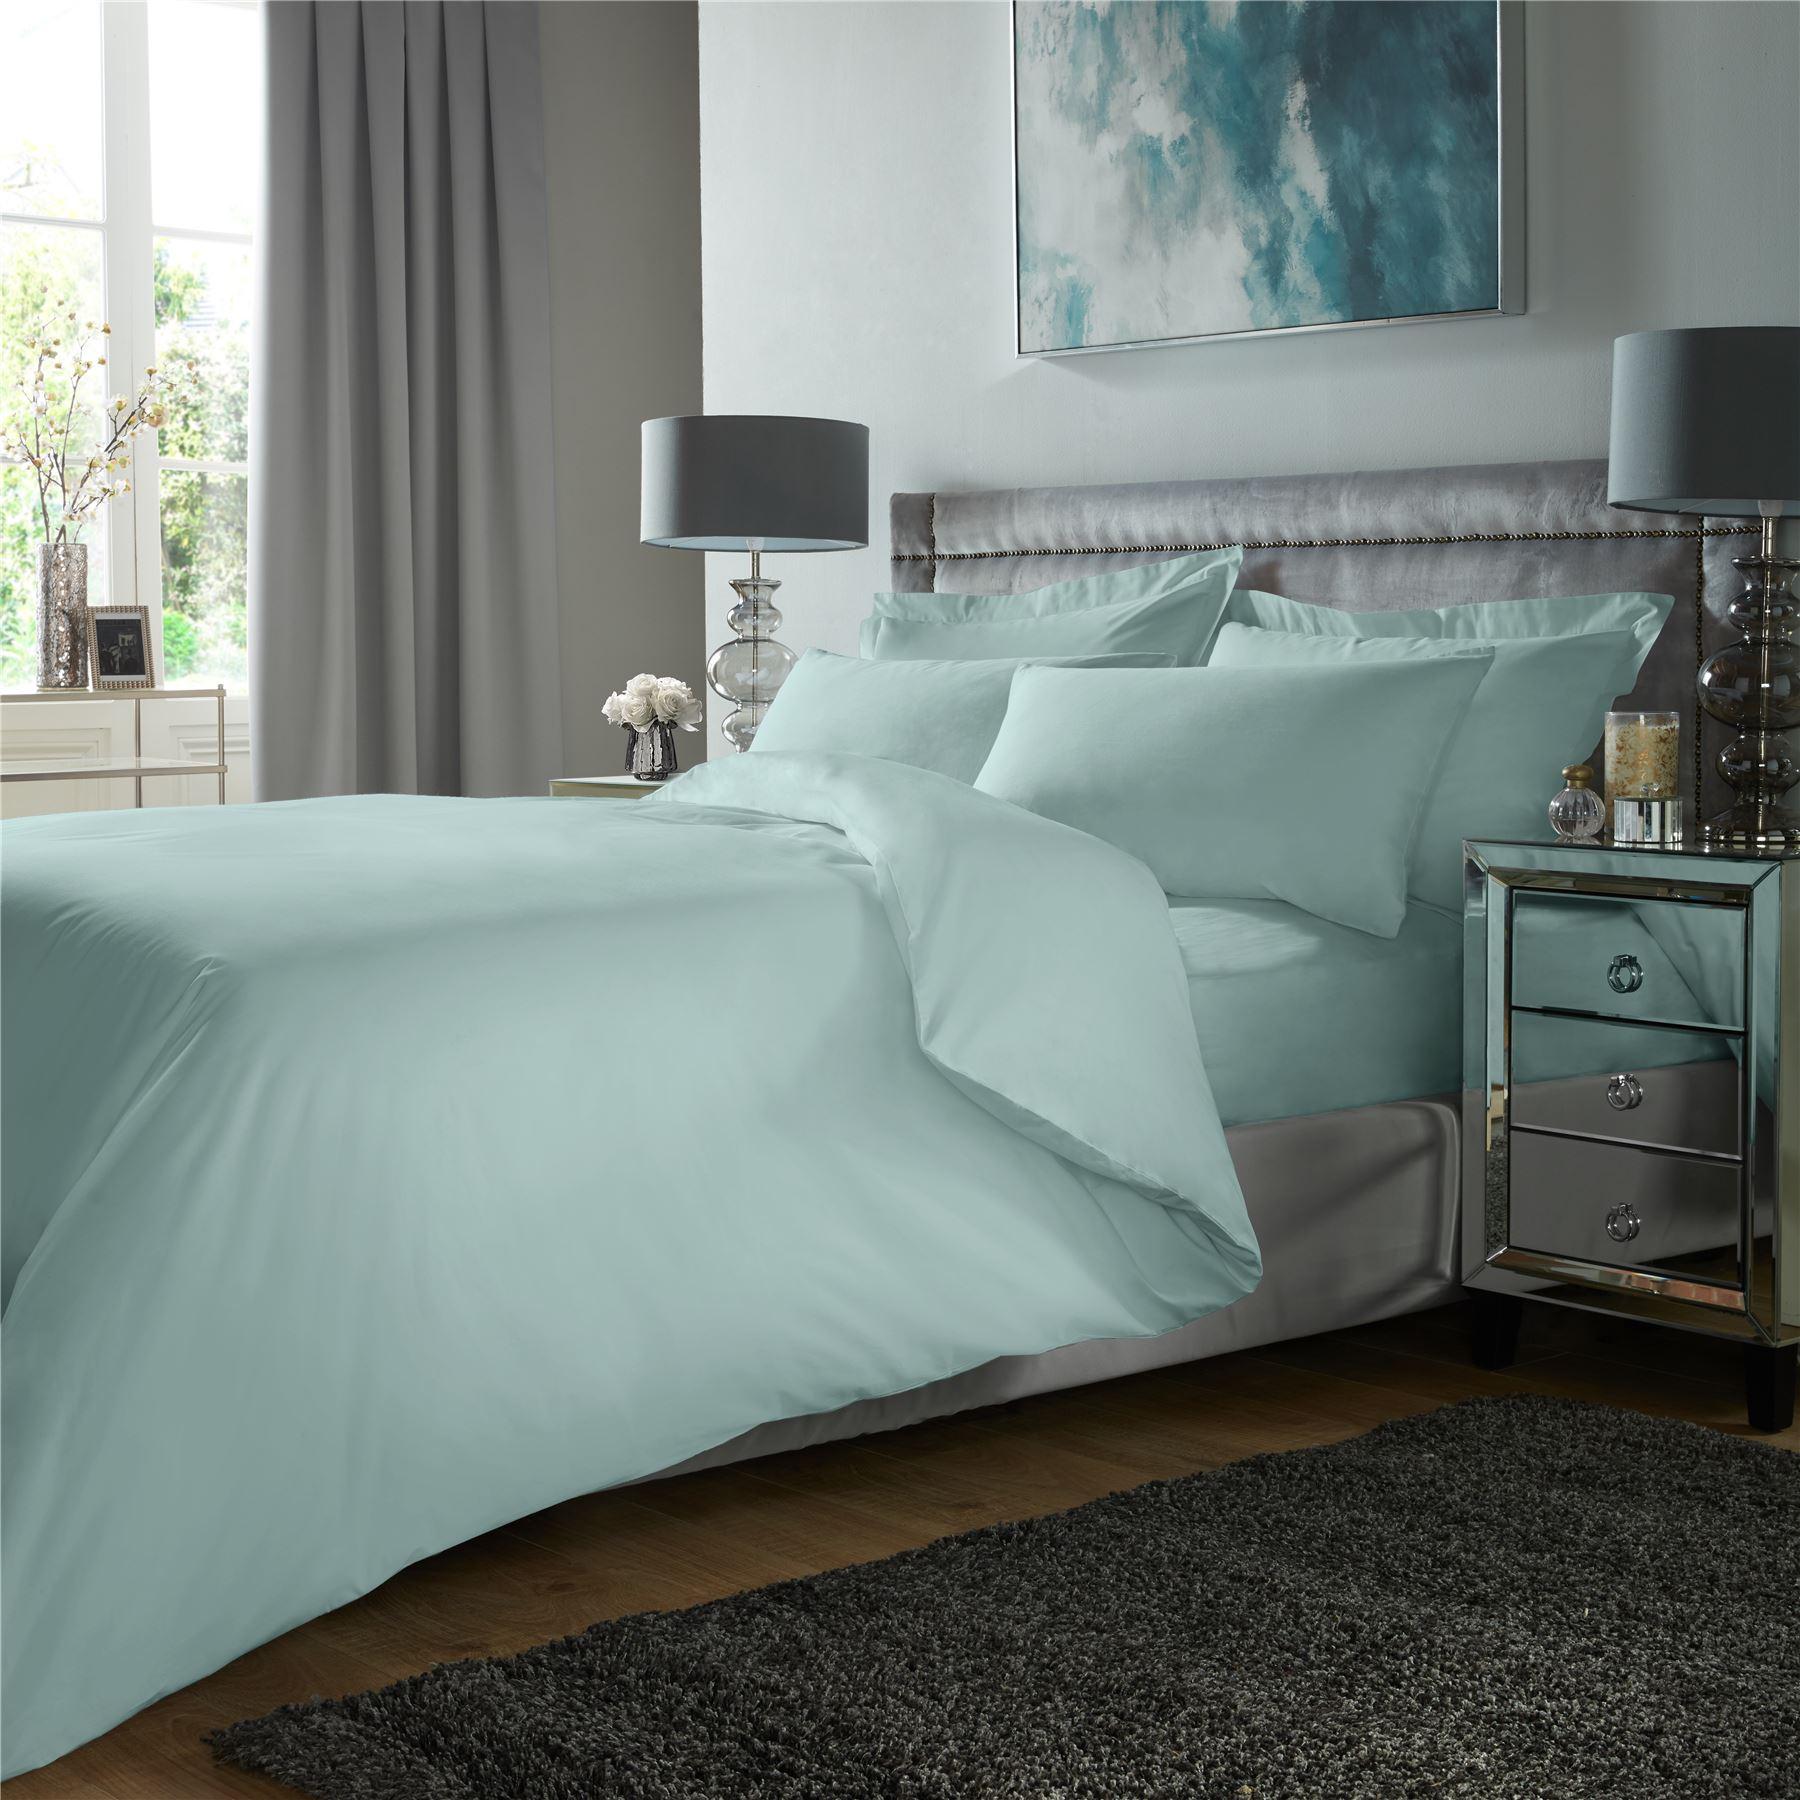 De-Lujo-400TC-conjunto-de-funda-de-edredon-100-Algodon-Egipcio-ropa-de-cama-funda-de-almohada-tenida miniatura 3